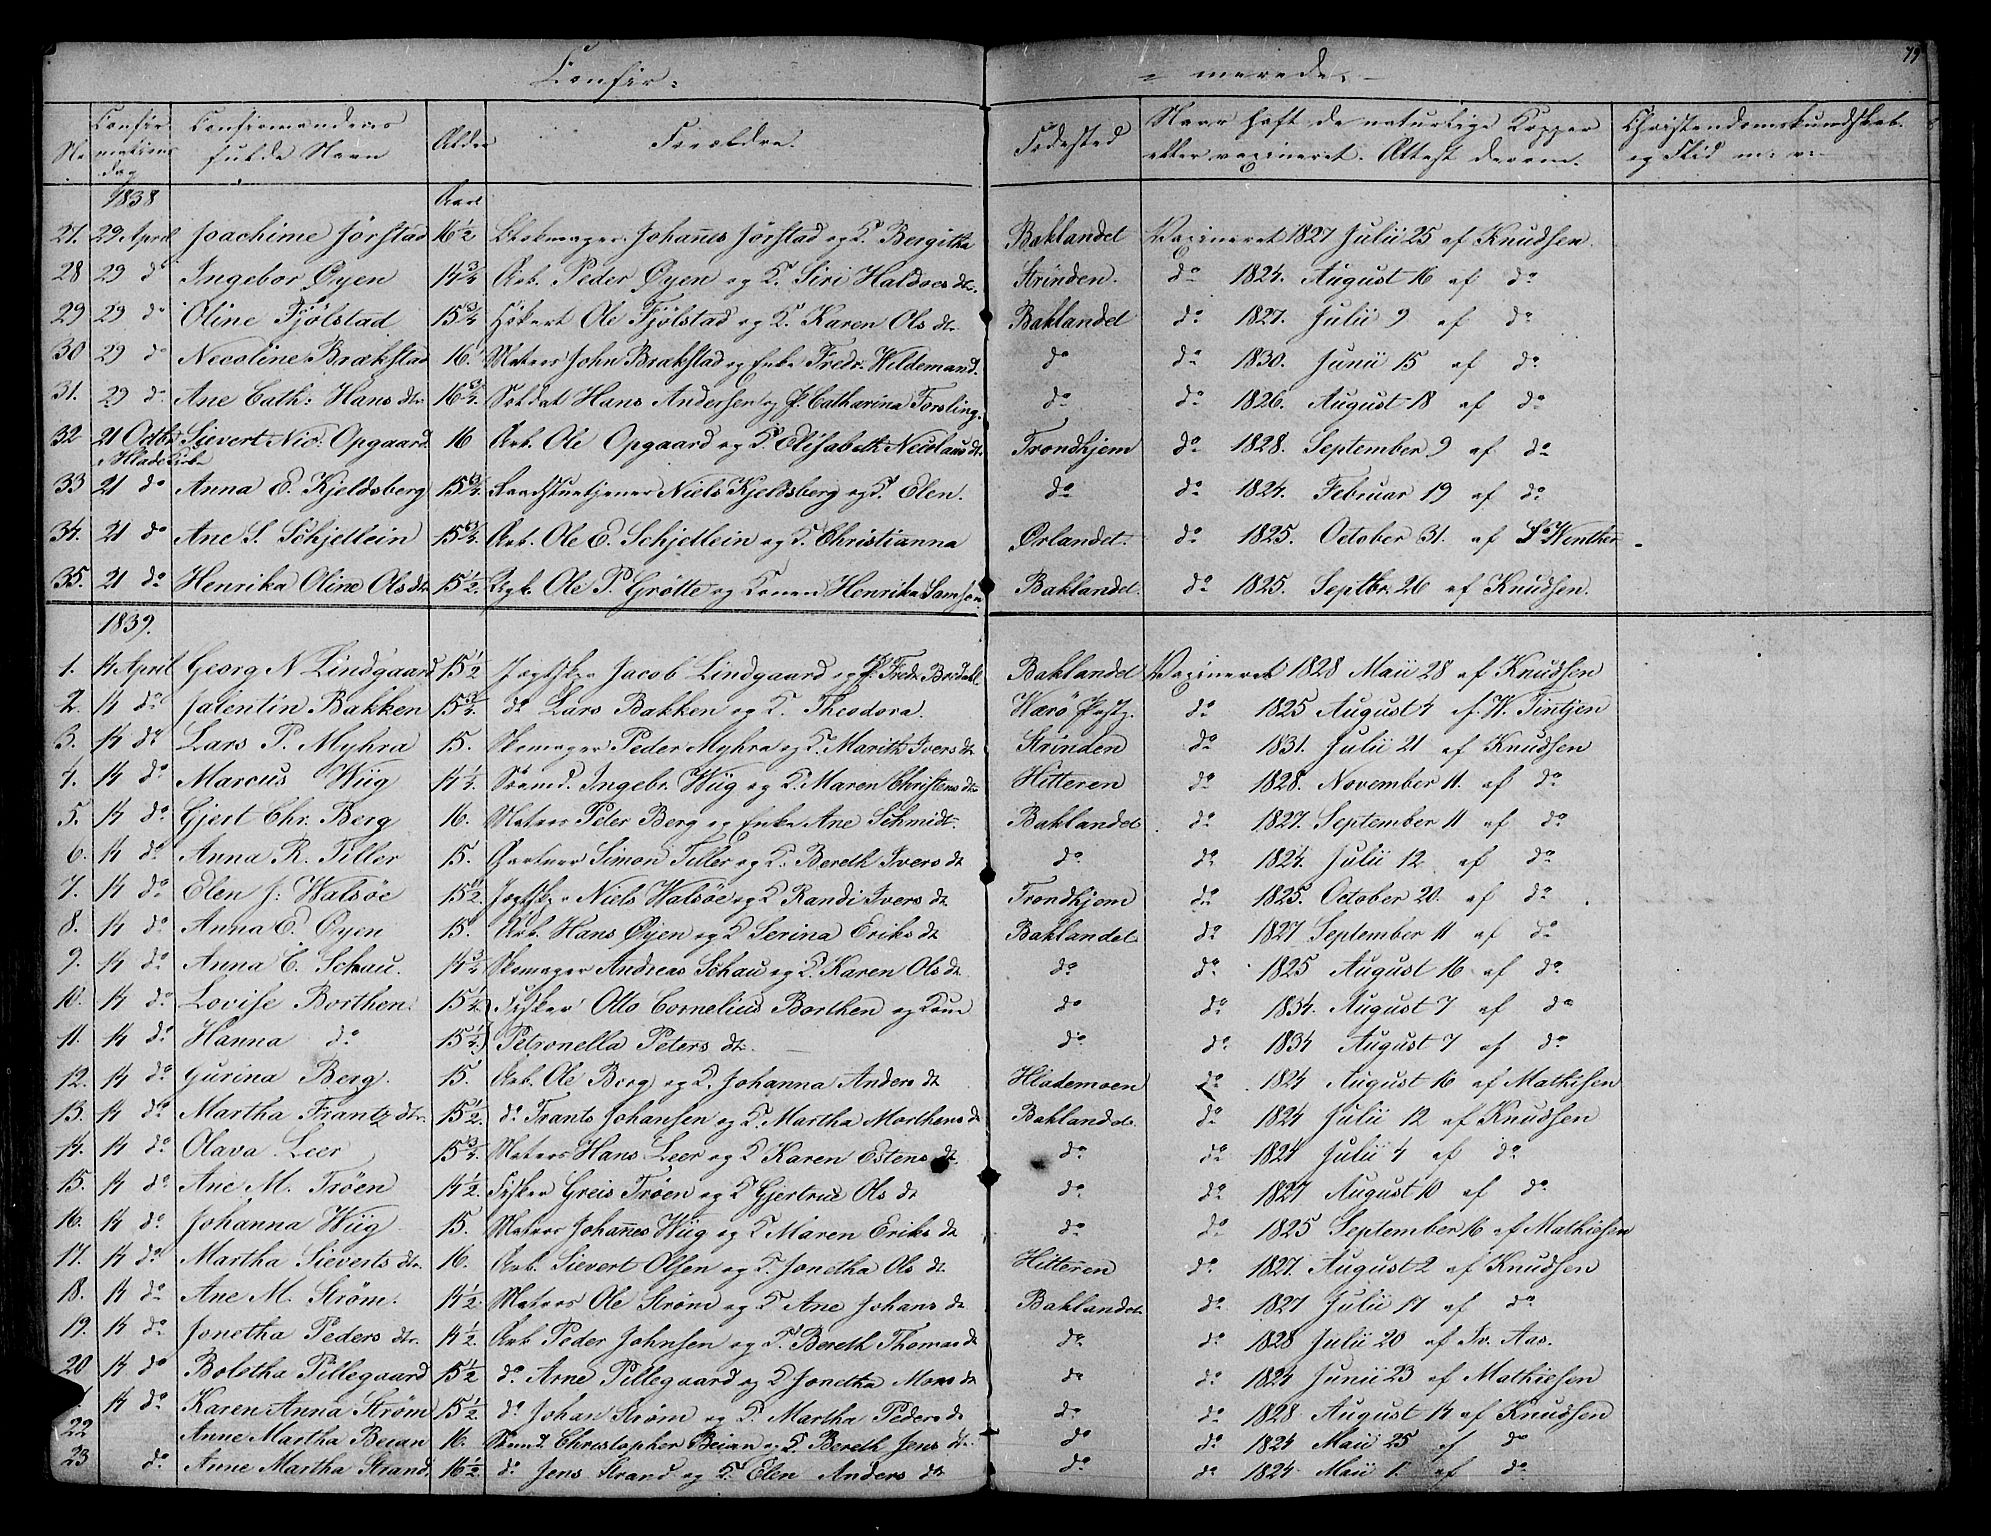 SAT, Ministerialprotokoller, klokkerbøker og fødselsregistre - Sør-Trøndelag, 604/L0182: Ministerialbok nr. 604A03, 1818-1850, s. 79